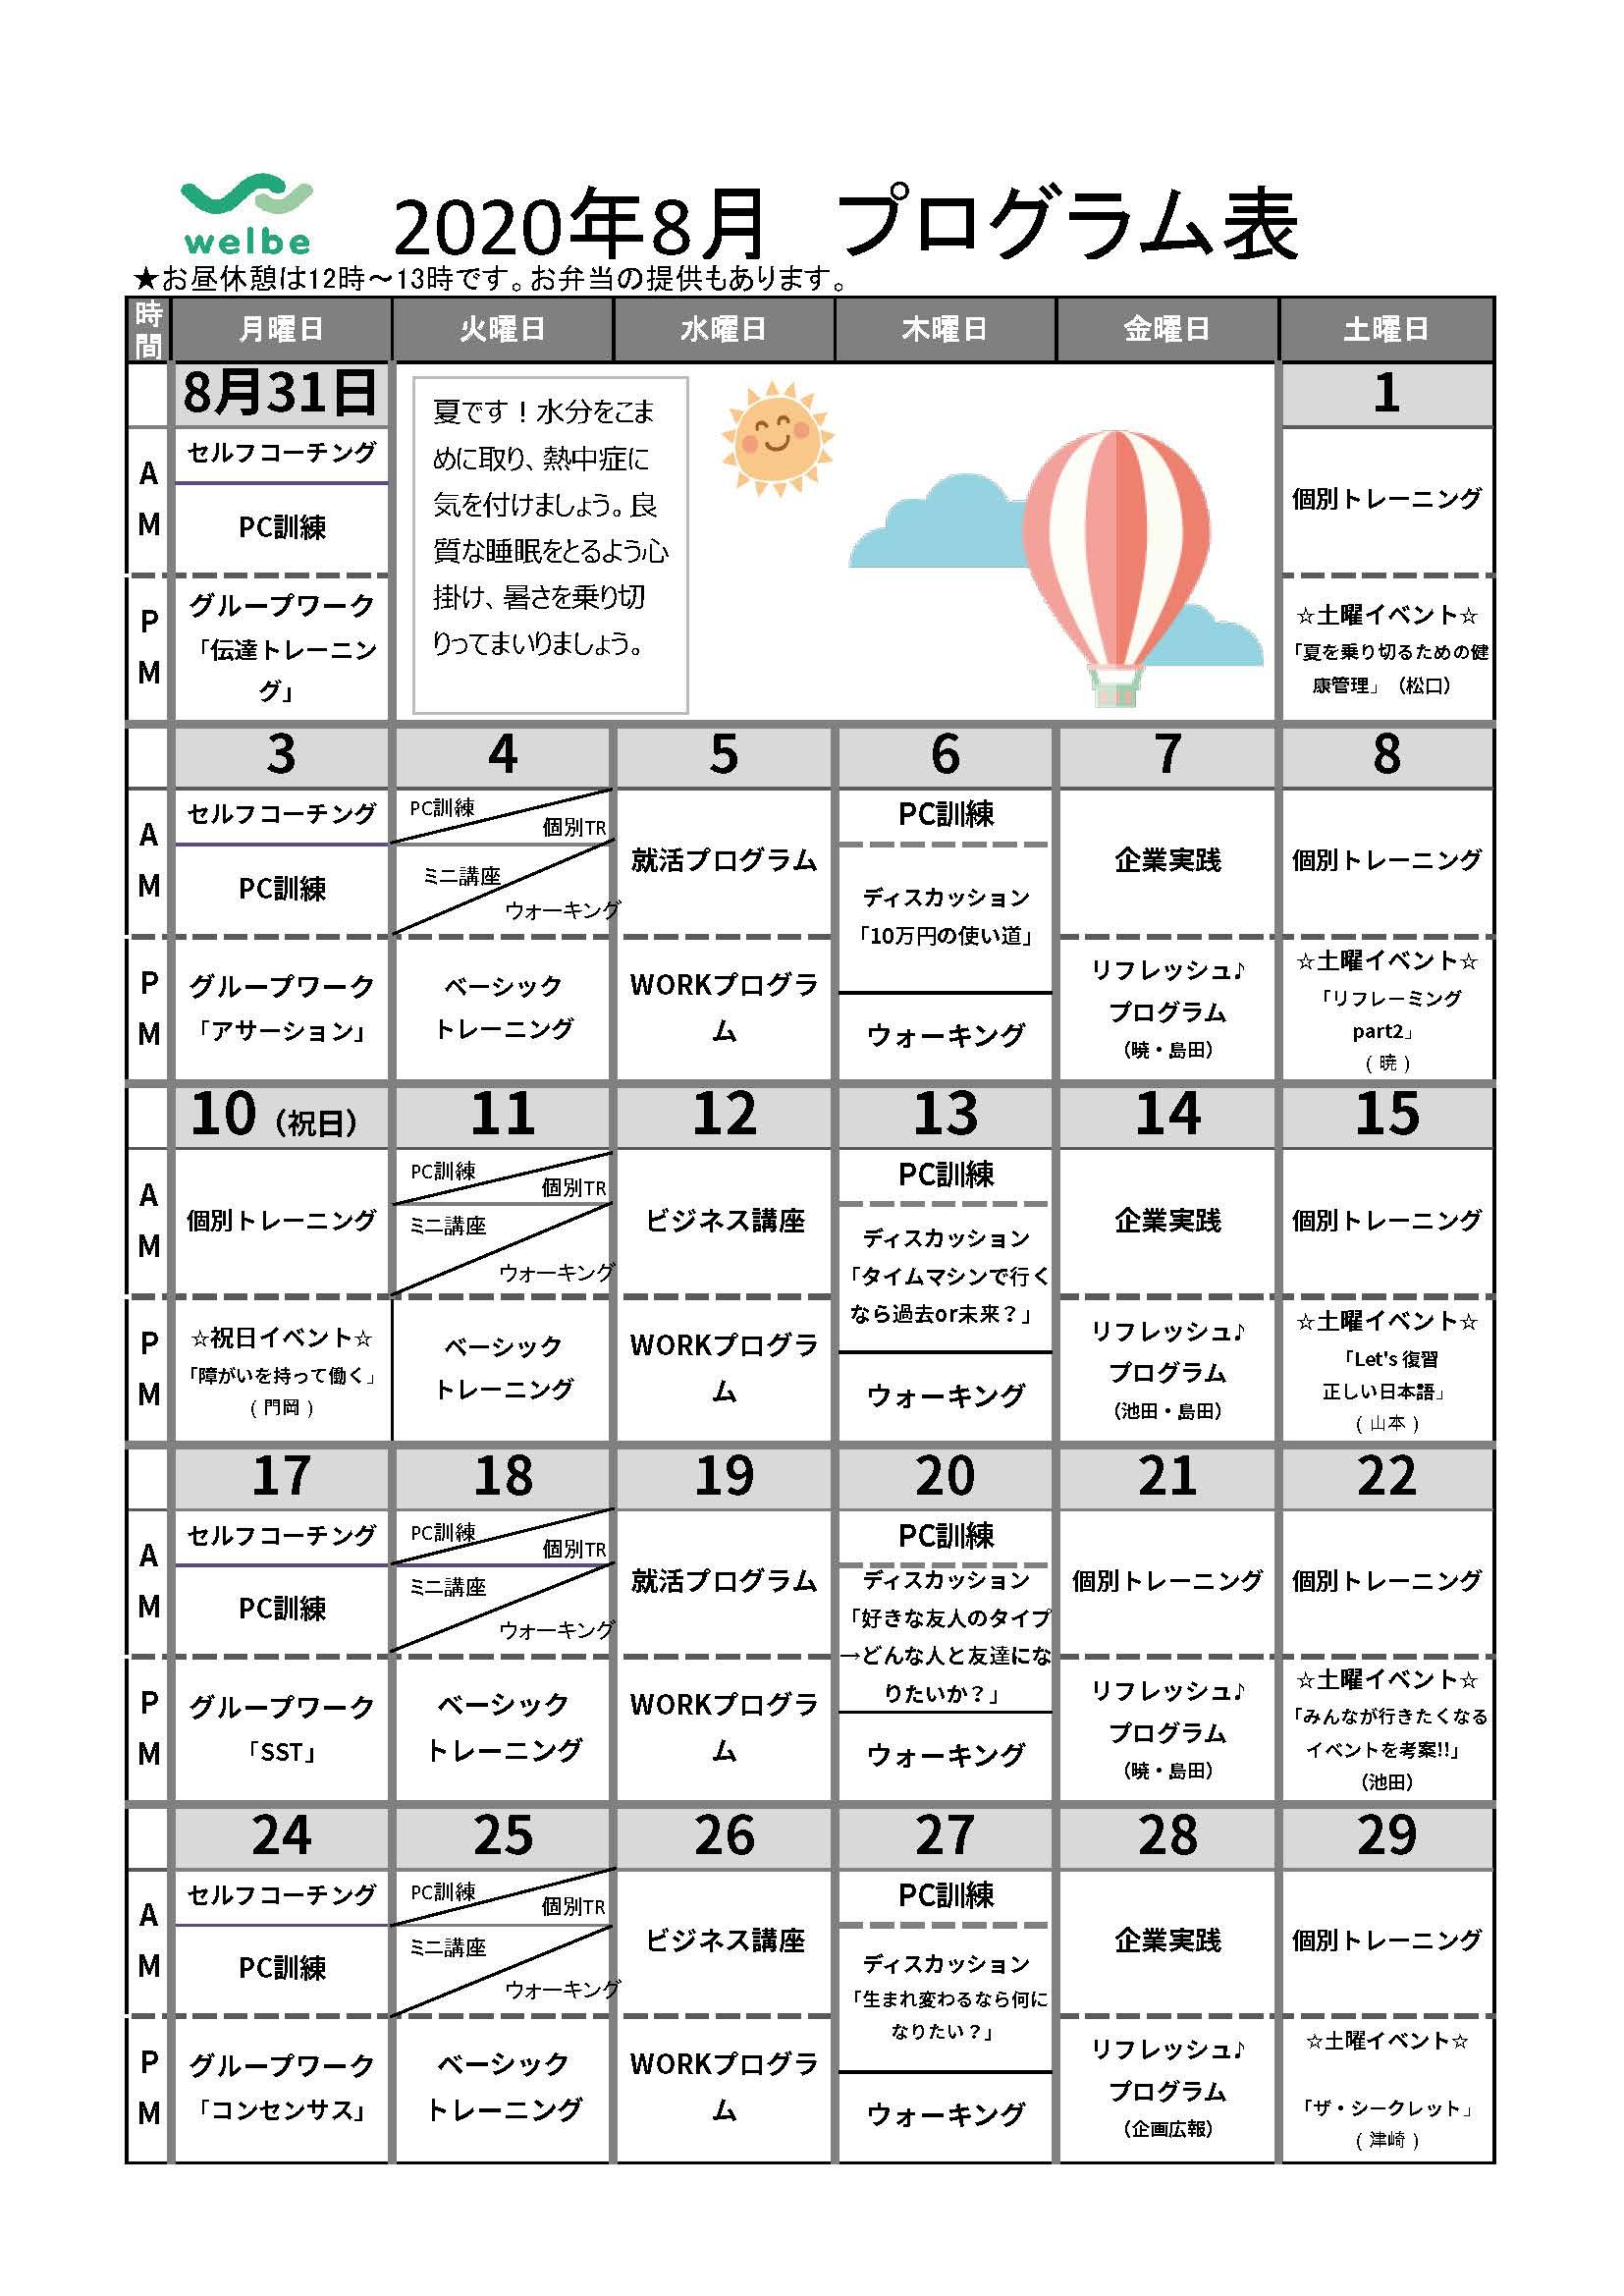 2020年8月プログラム表.xls